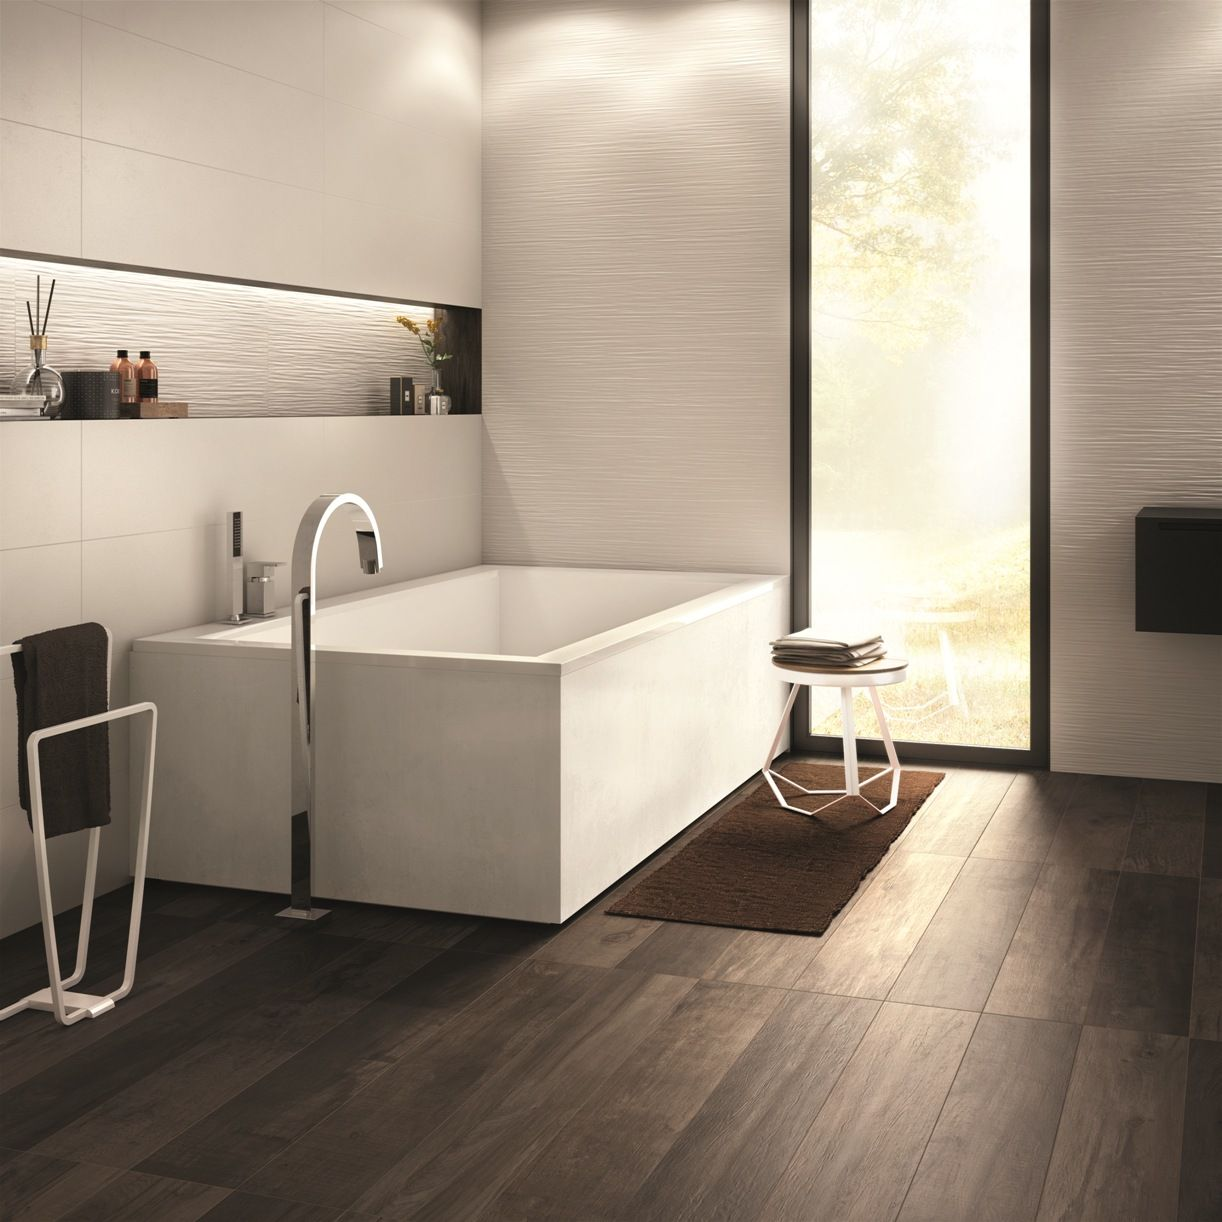 Rivestimenti Bagni Piccoli Esempi esempio perfetto del mix&chic #abkemozioni questo #bagno che